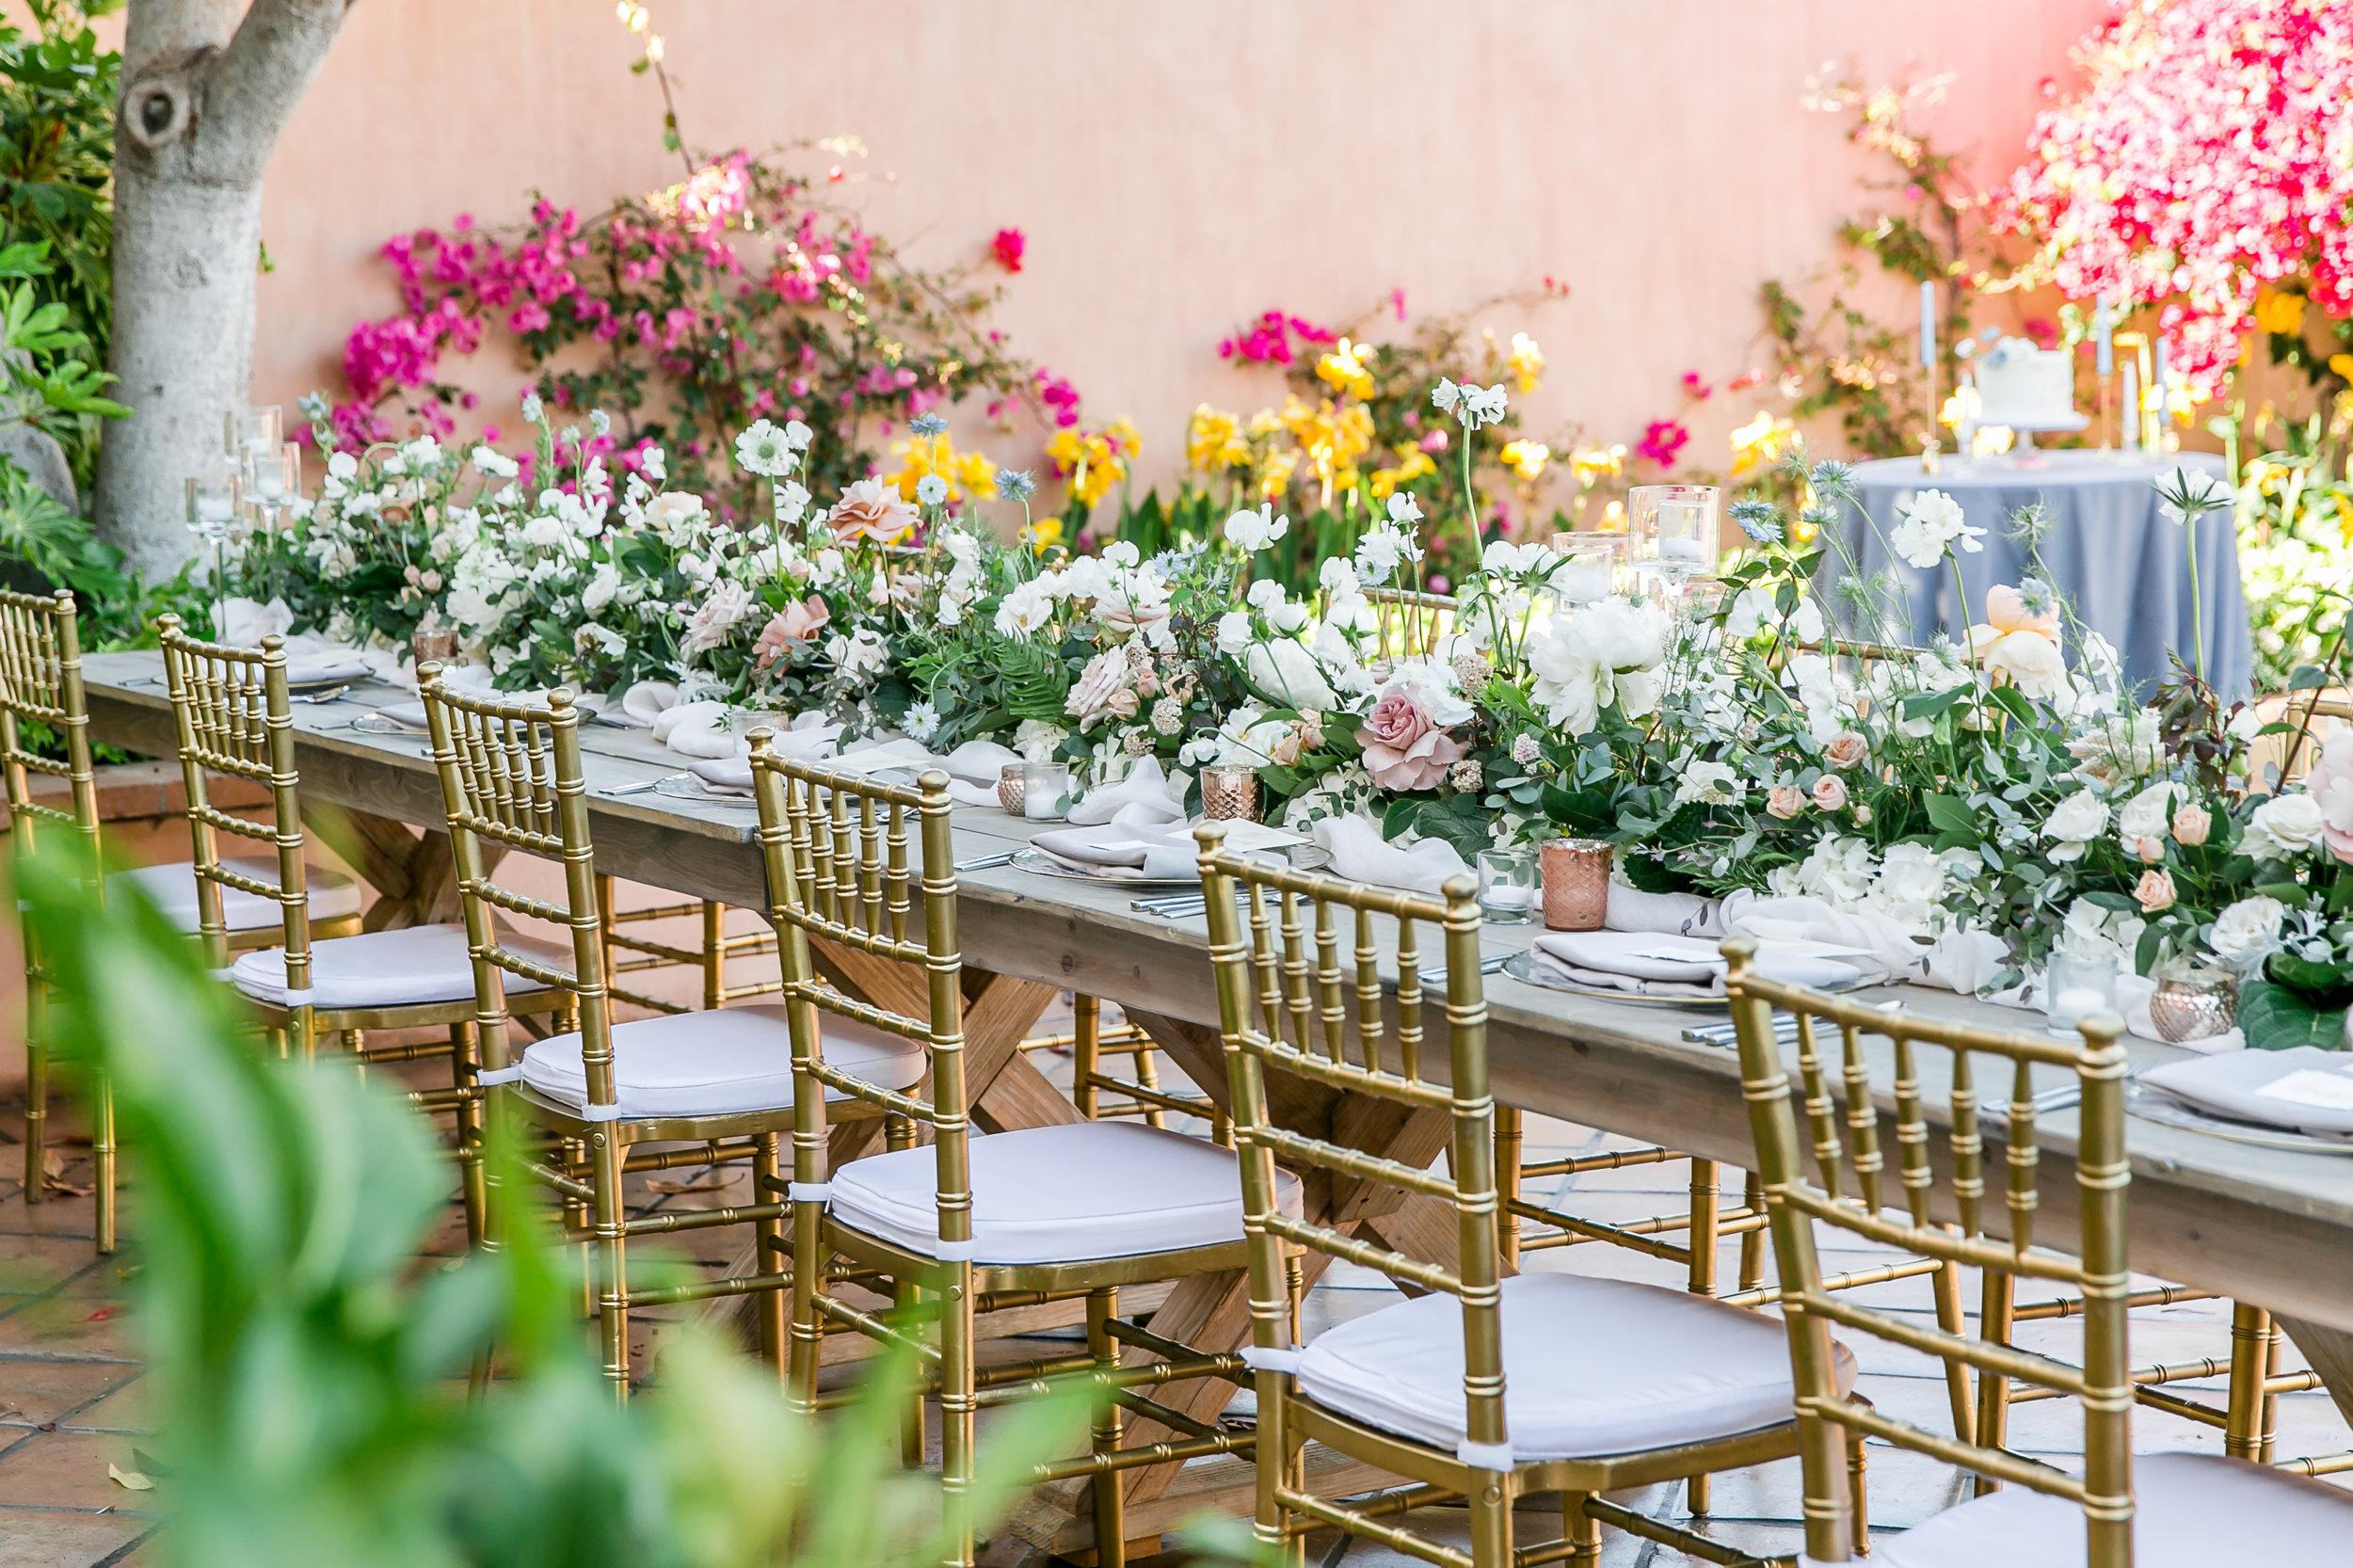 Julie_Ferneau-blooms-rancho-valencia-ribeau-wedding-rancho-santa-fe-luxury-garden-wedding-15.jpg